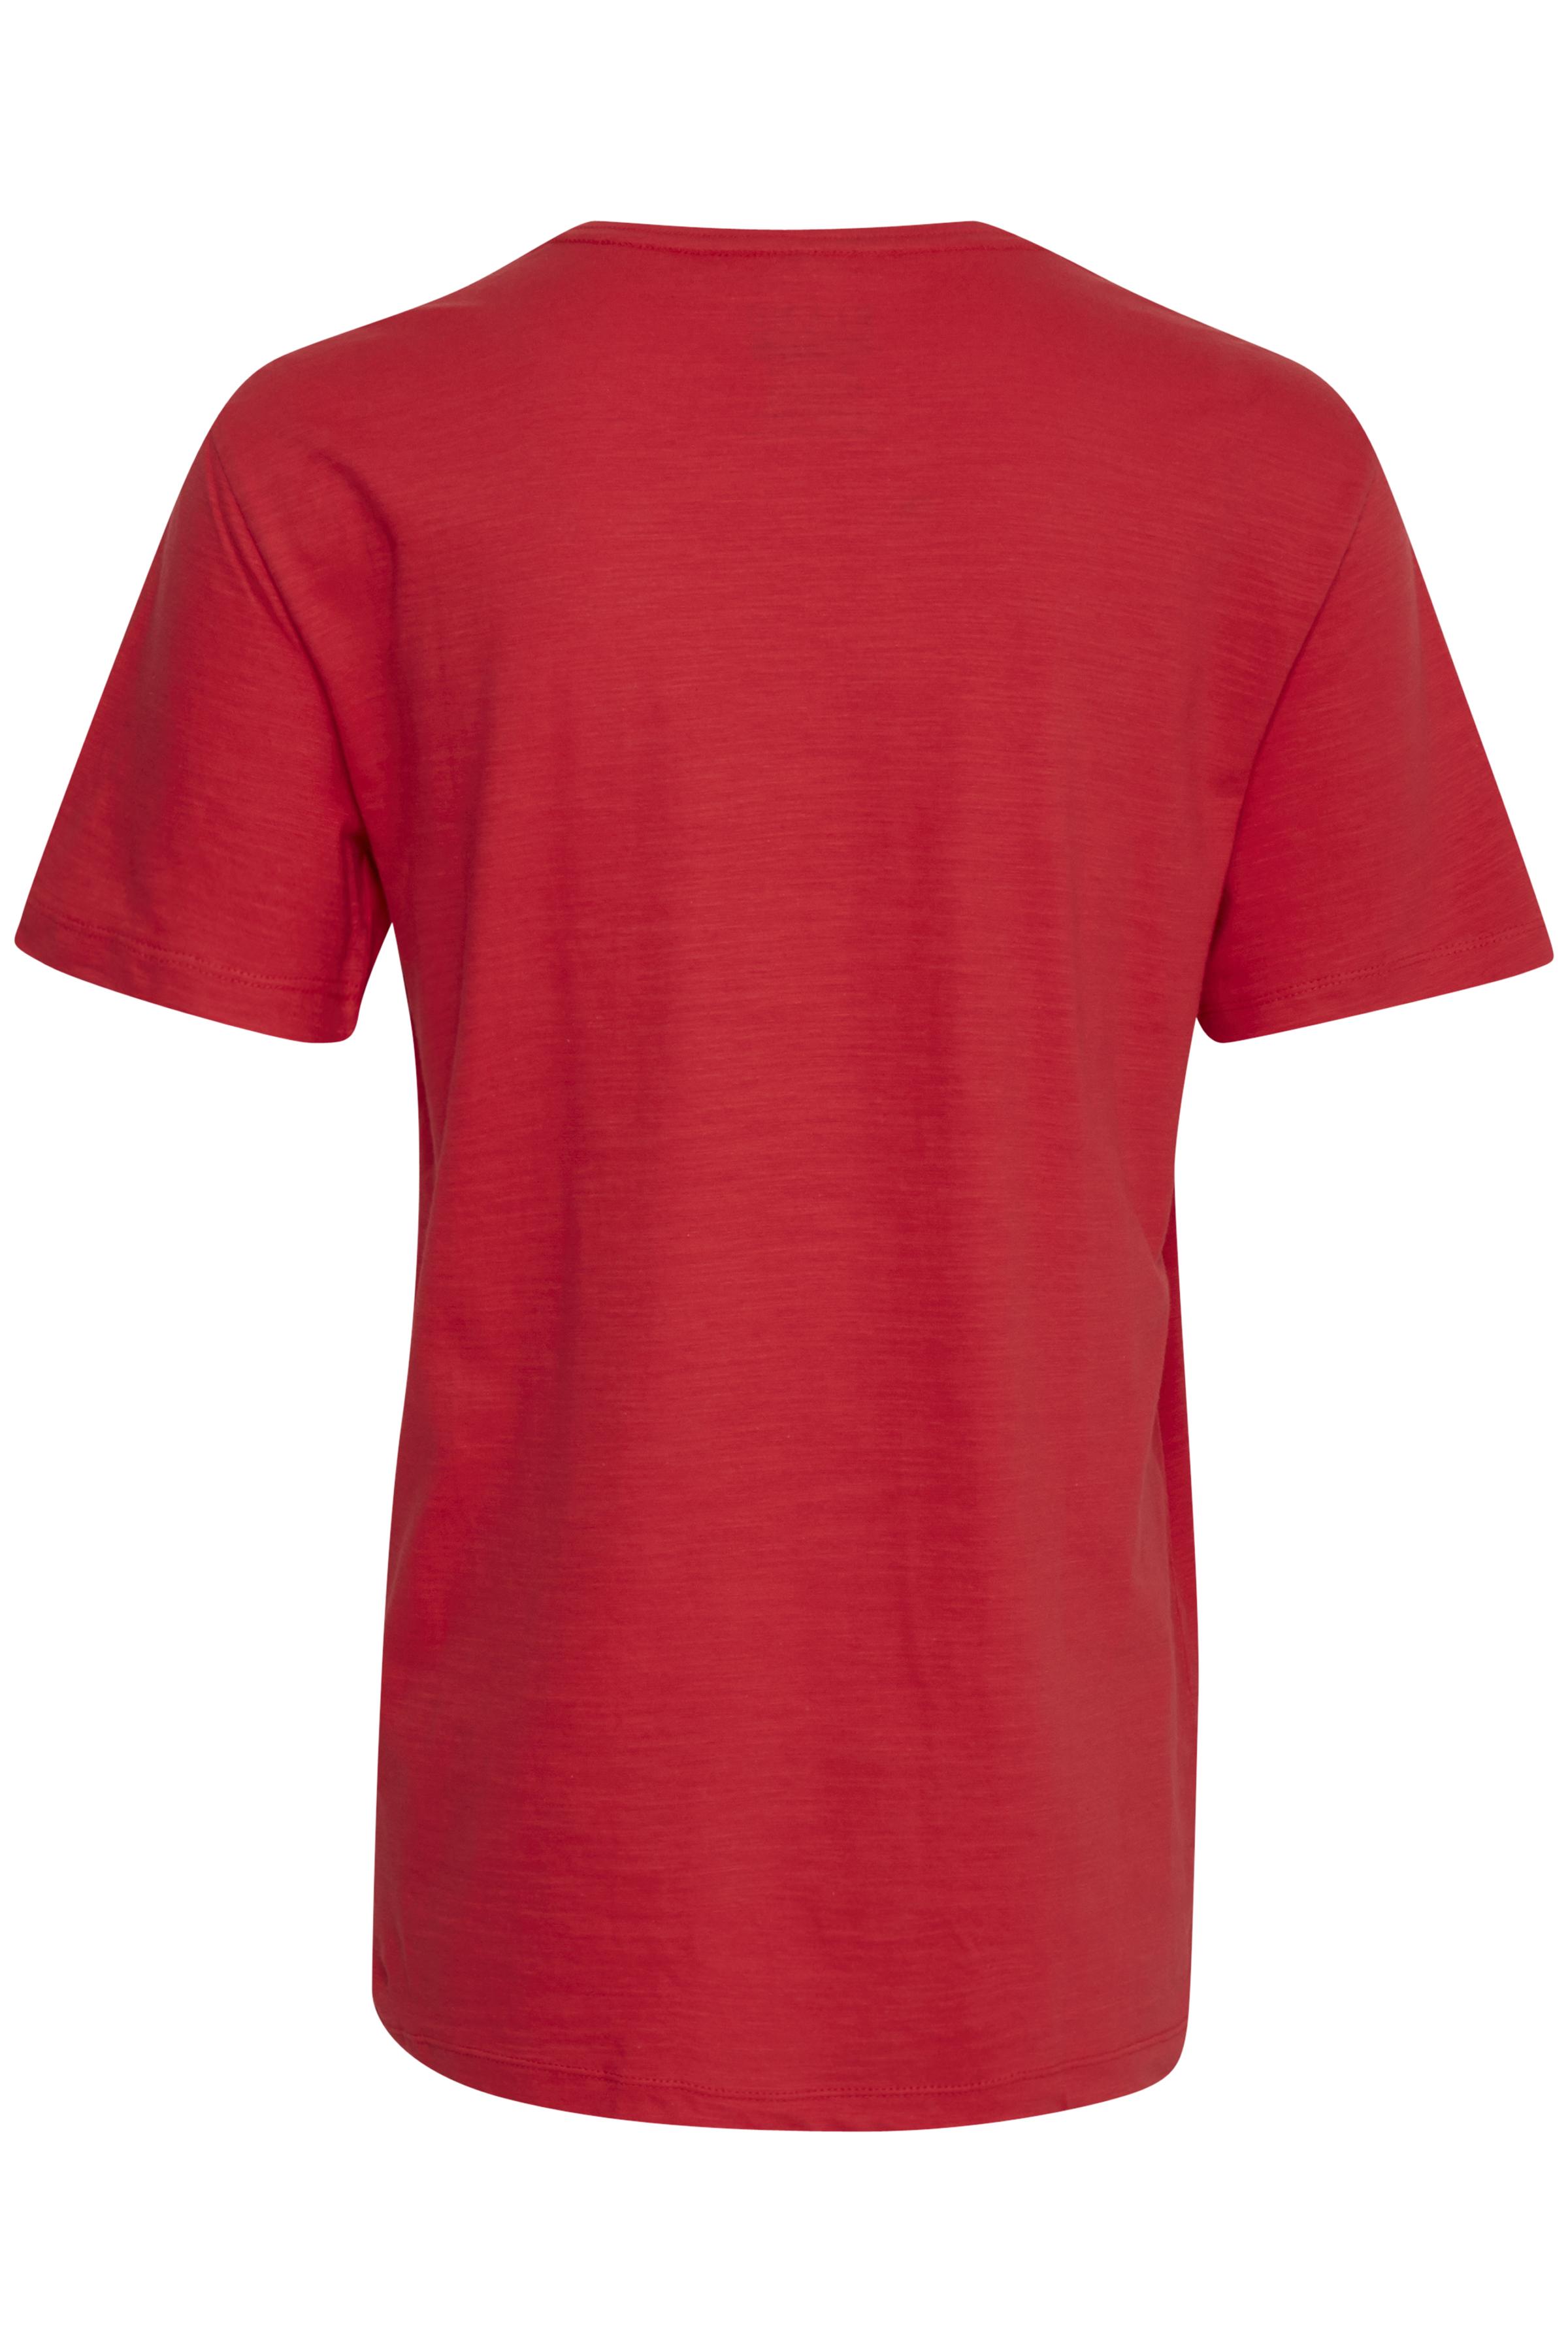 Mars Red T-shirt – Køb Mars Red T-shirt fra str. S-XL her